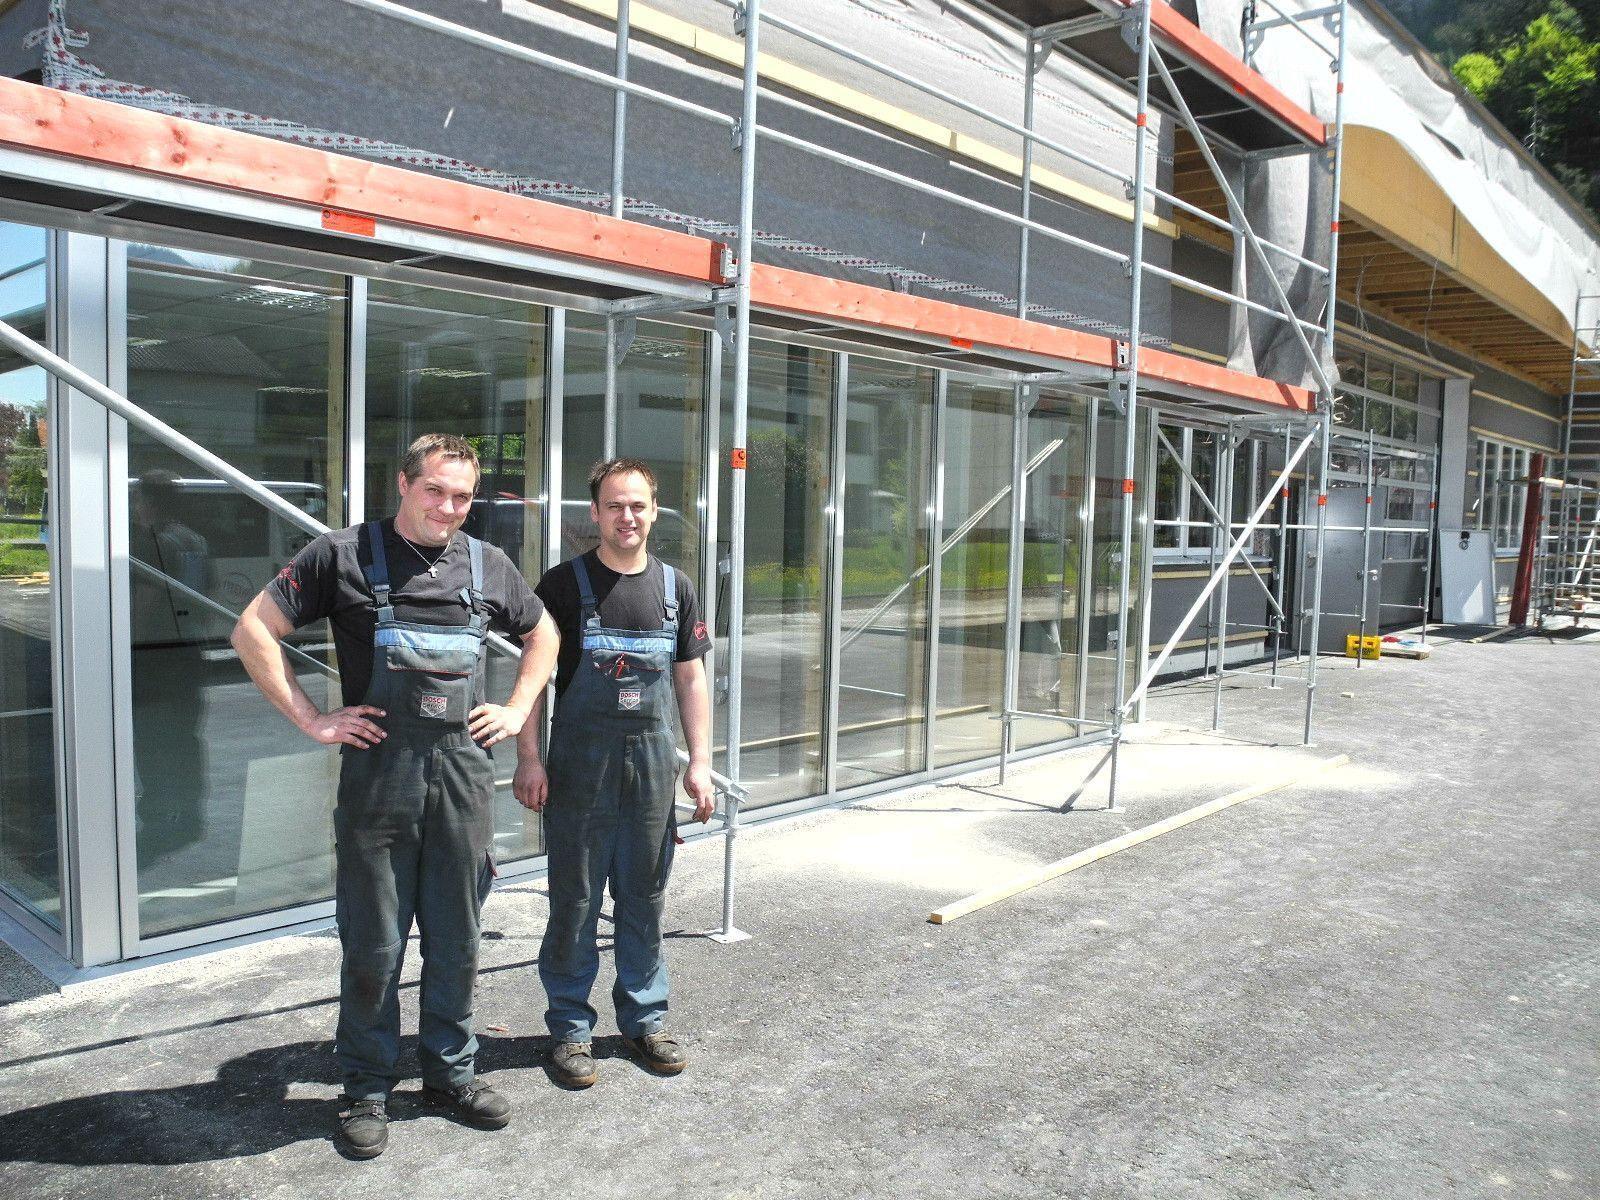 (l.) Bernd Pühringer mit Mario Bilgeri vor ihrem Werkstatt Neubau in Altenstadt